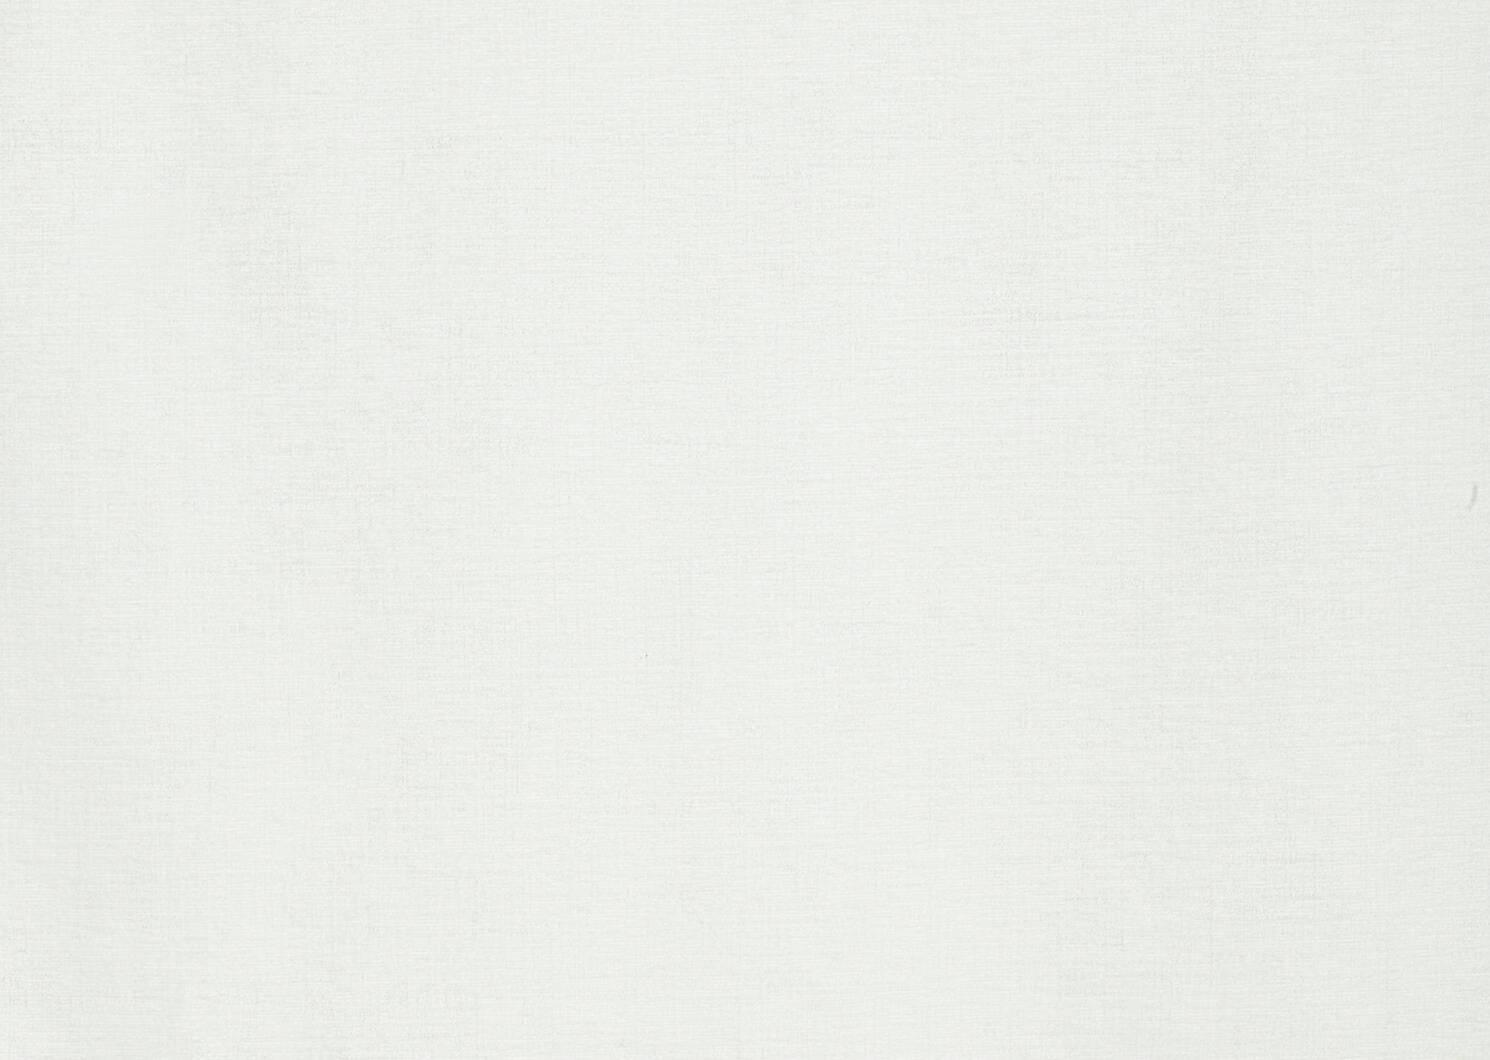 Rideau Clooney 96 blanc